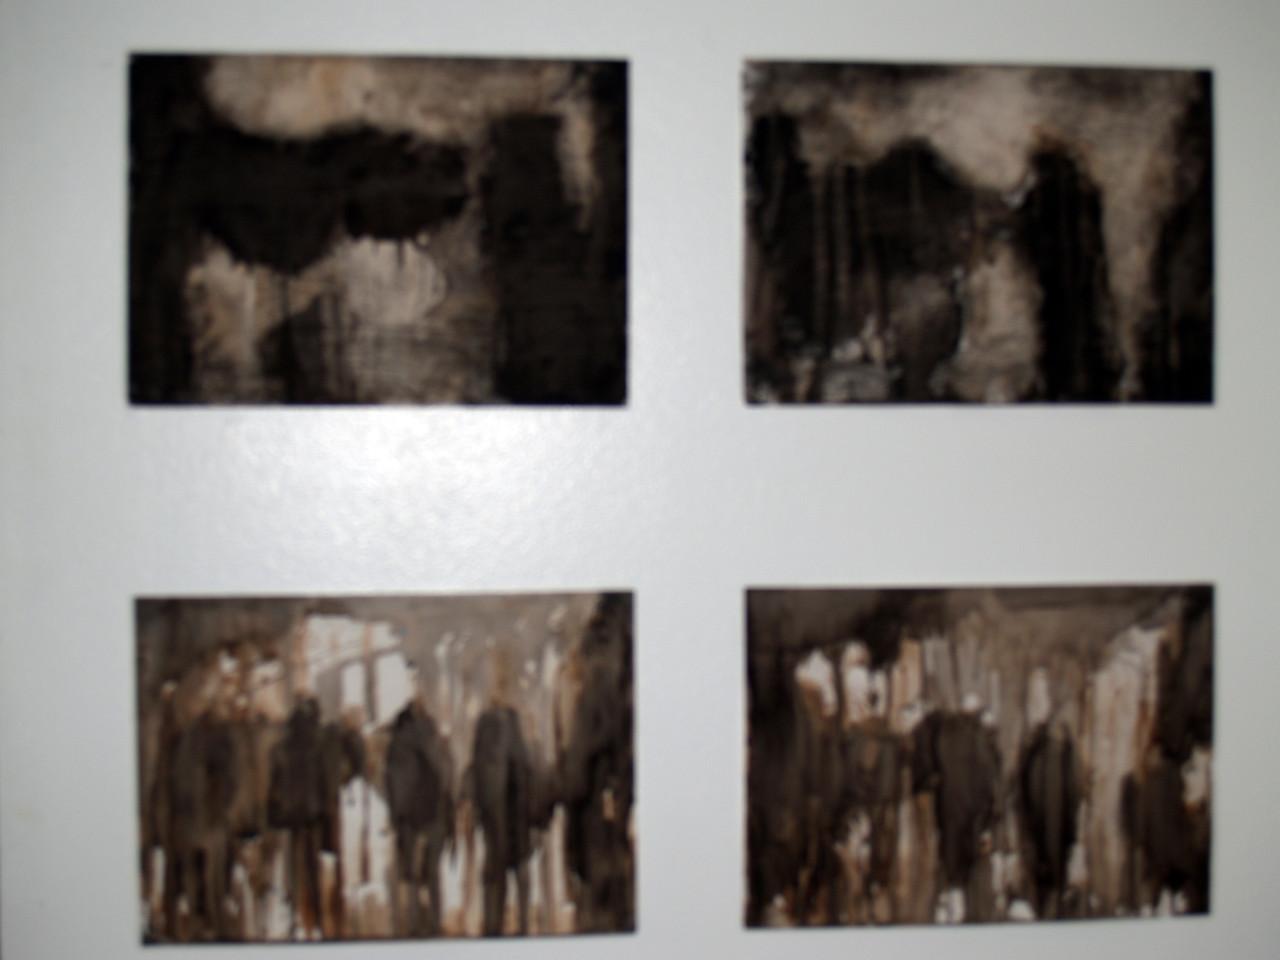 Abstract vluchtigheid (houtskool, bister, oost indische inkt op wit papier)